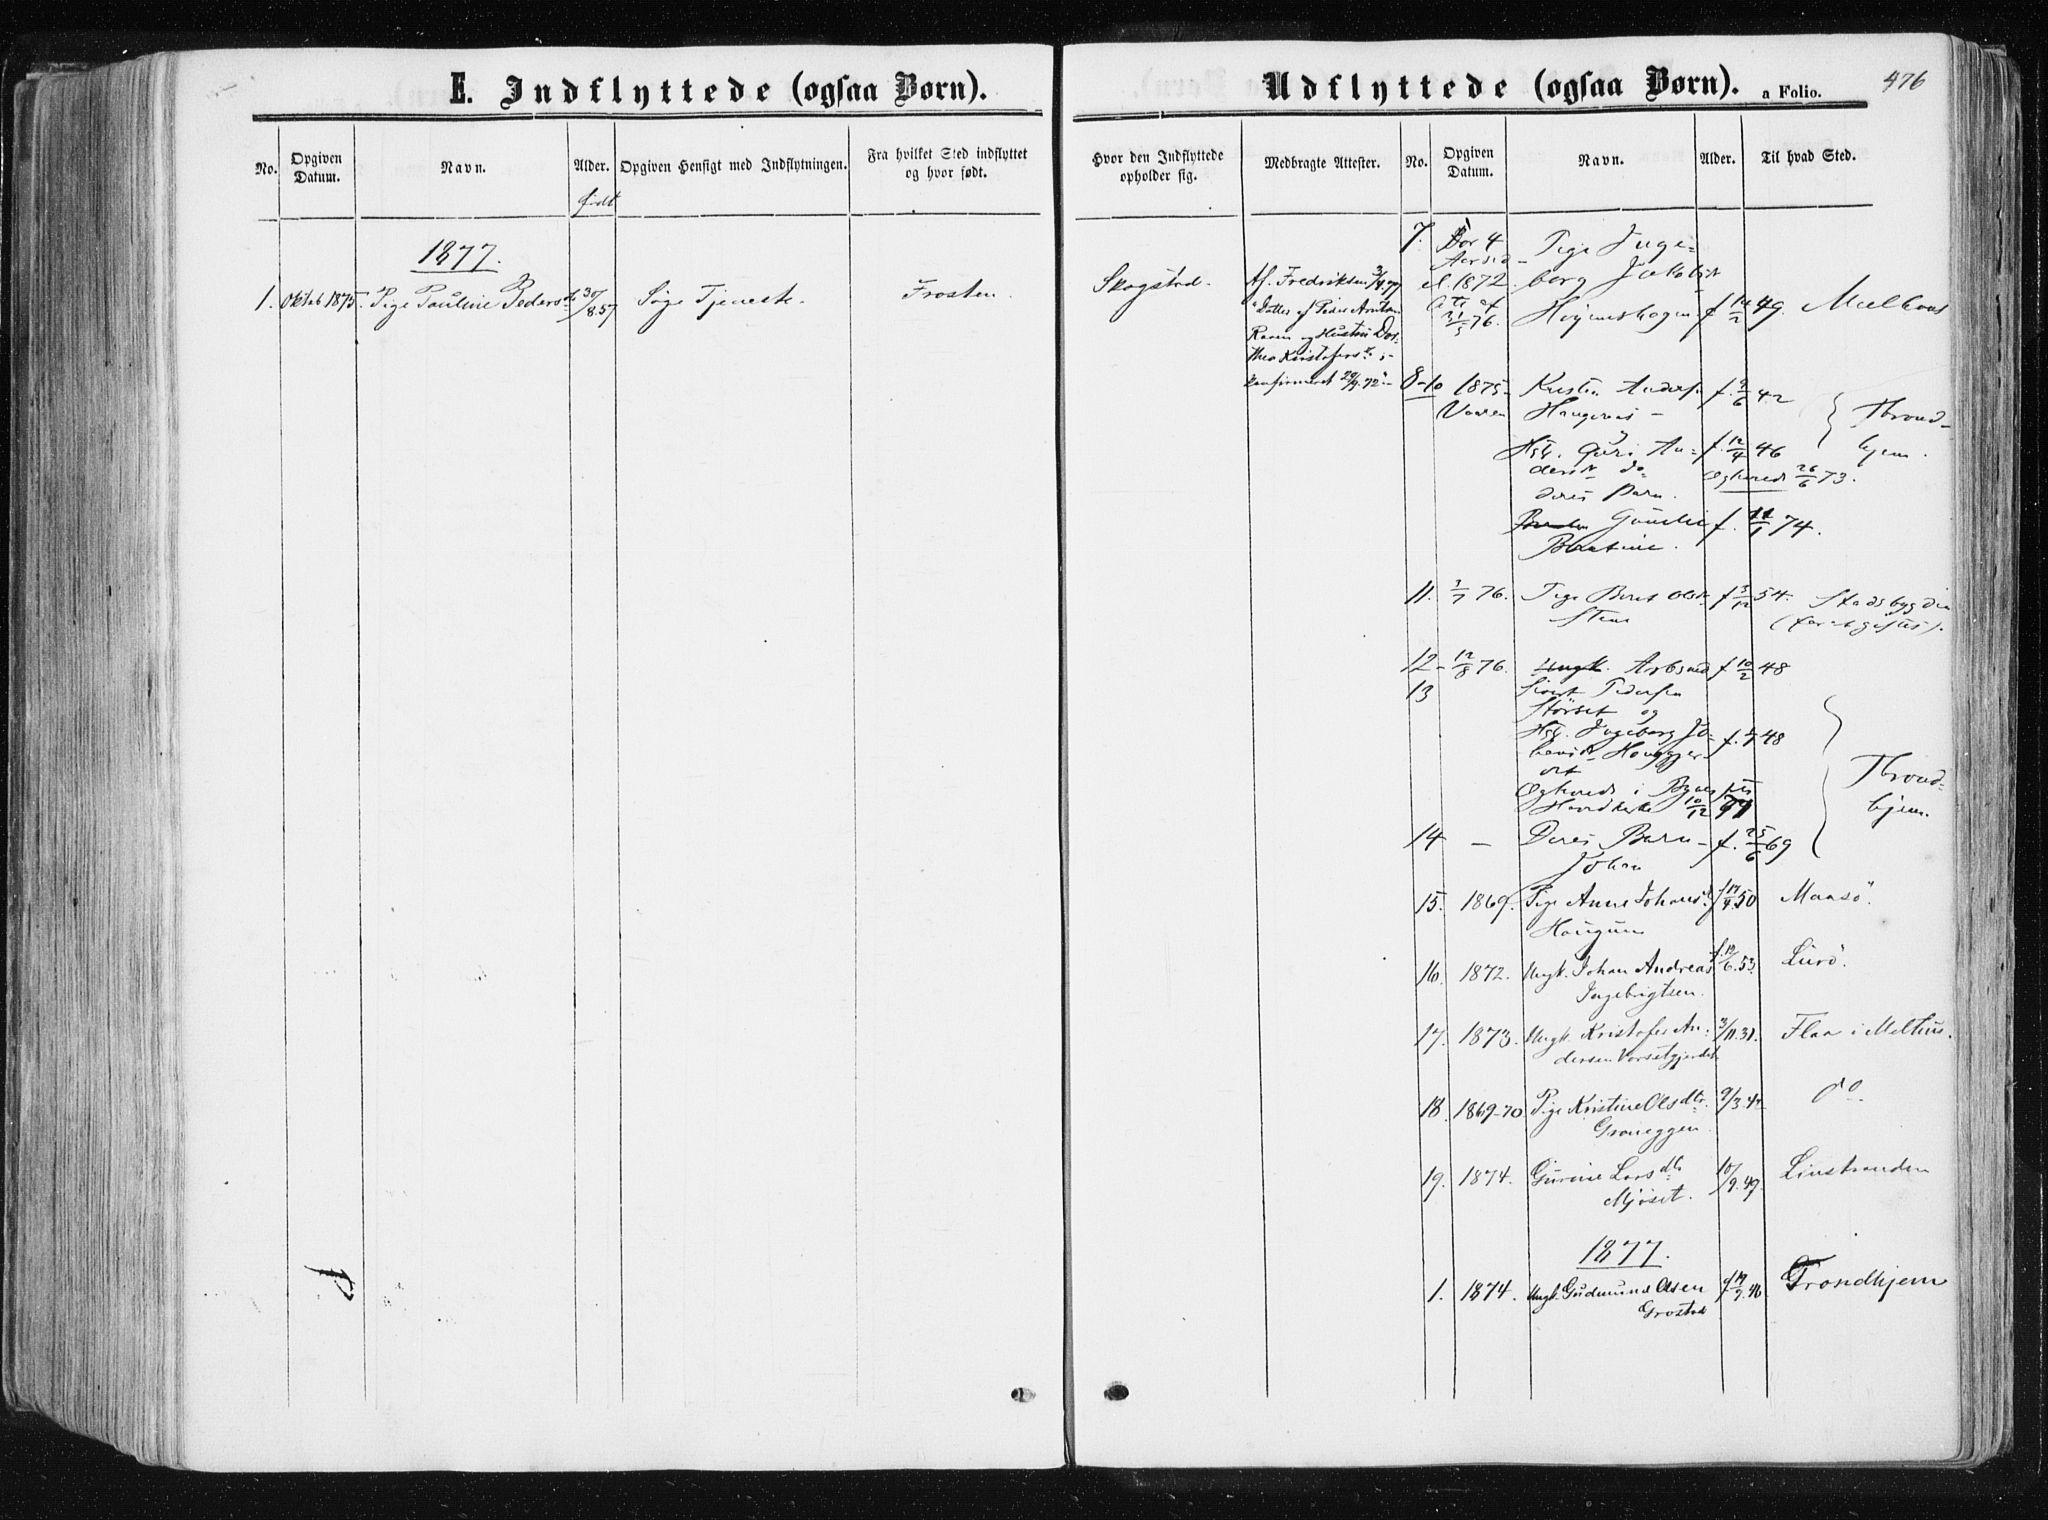 SAT, Ministerialprotokoller, klokkerbøker og fødselsregistre - Sør-Trøndelag, 612/L0377: Ministerialbok nr. 612A09, 1859-1877, s. 476